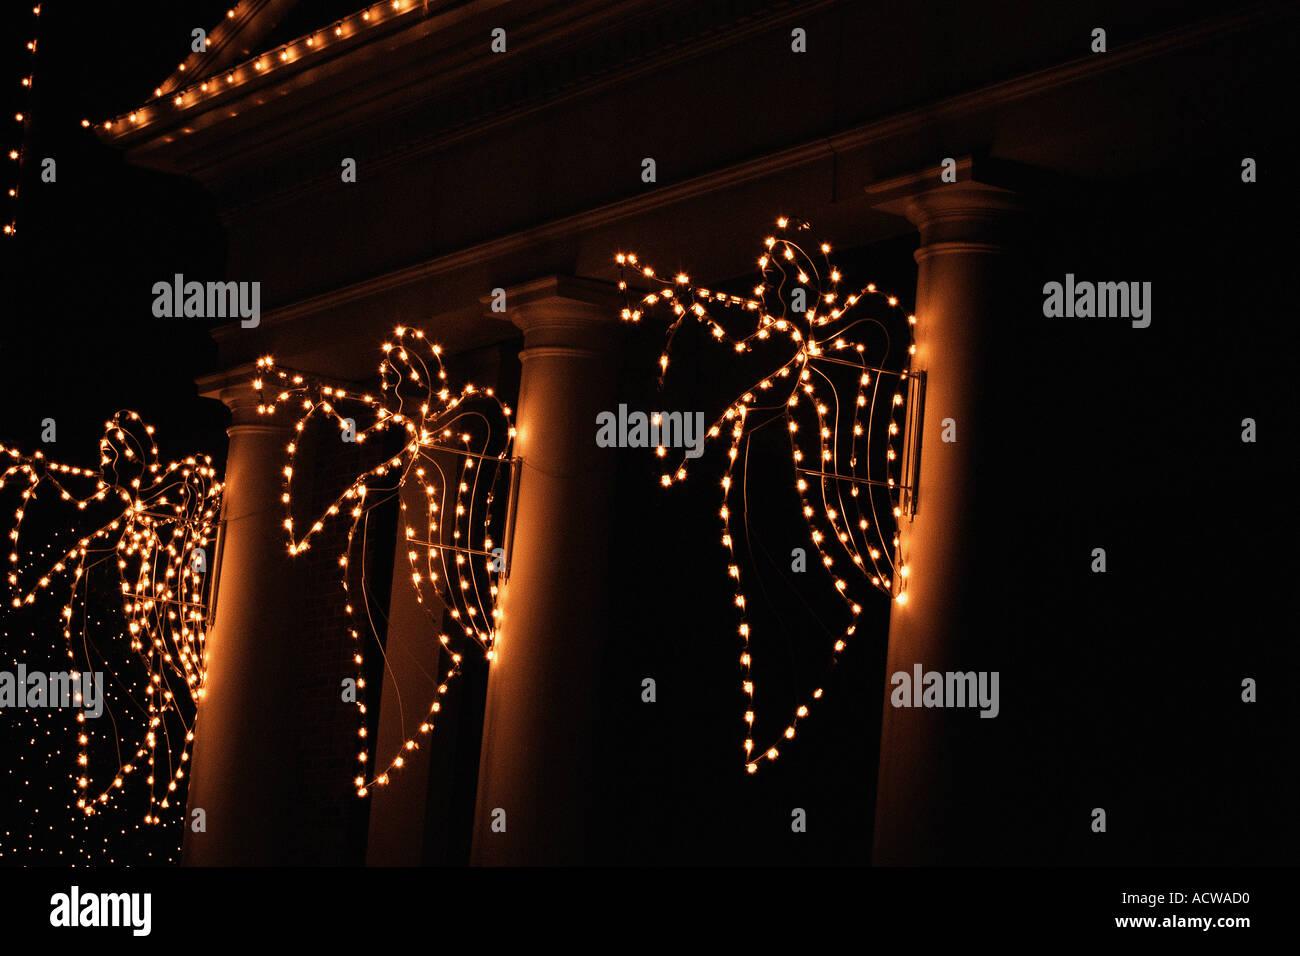 Angeli illuminato su colonna Immagini Stock